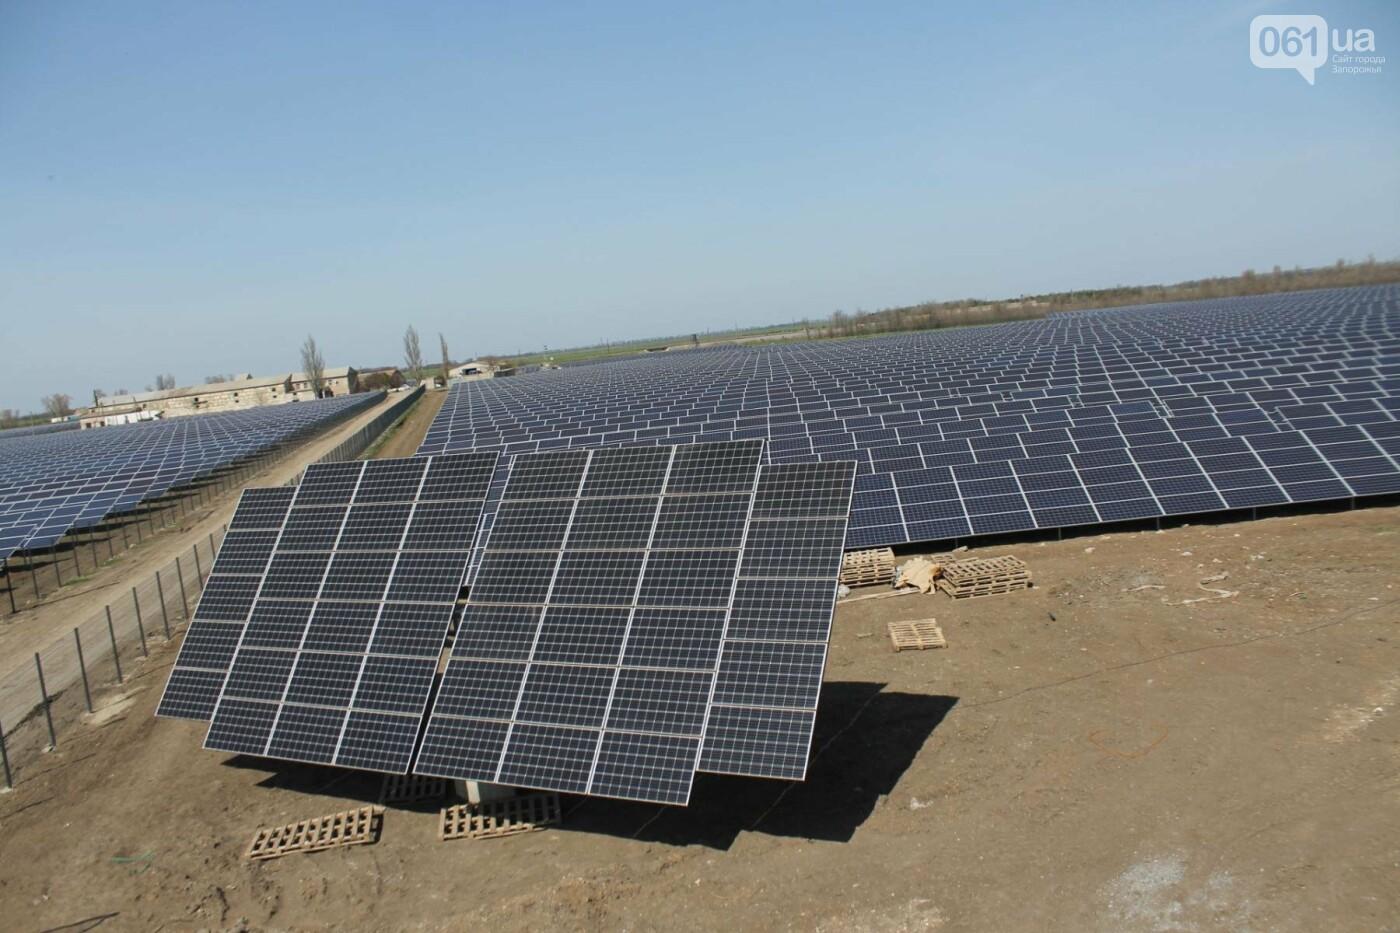 В запорожской громаде на месте свалки построили солнечную электростанцию: как она выглядит, – ФОТОРЕПОРТАЖ, фото-9